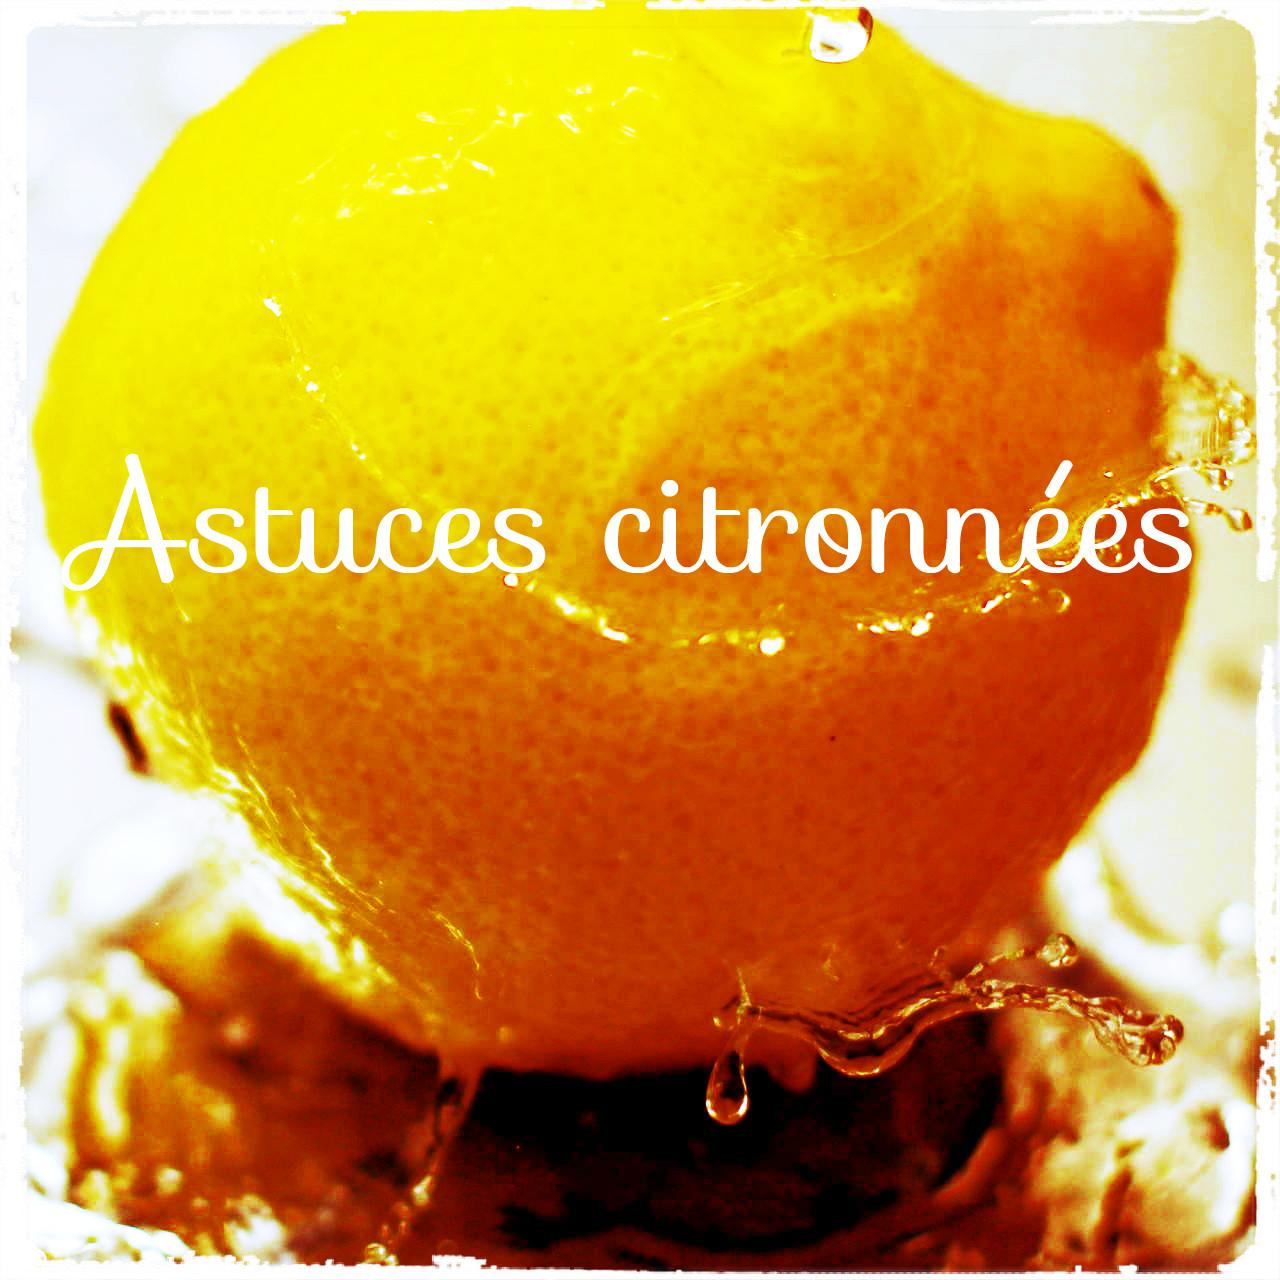 15 astuces avec la peau du citron